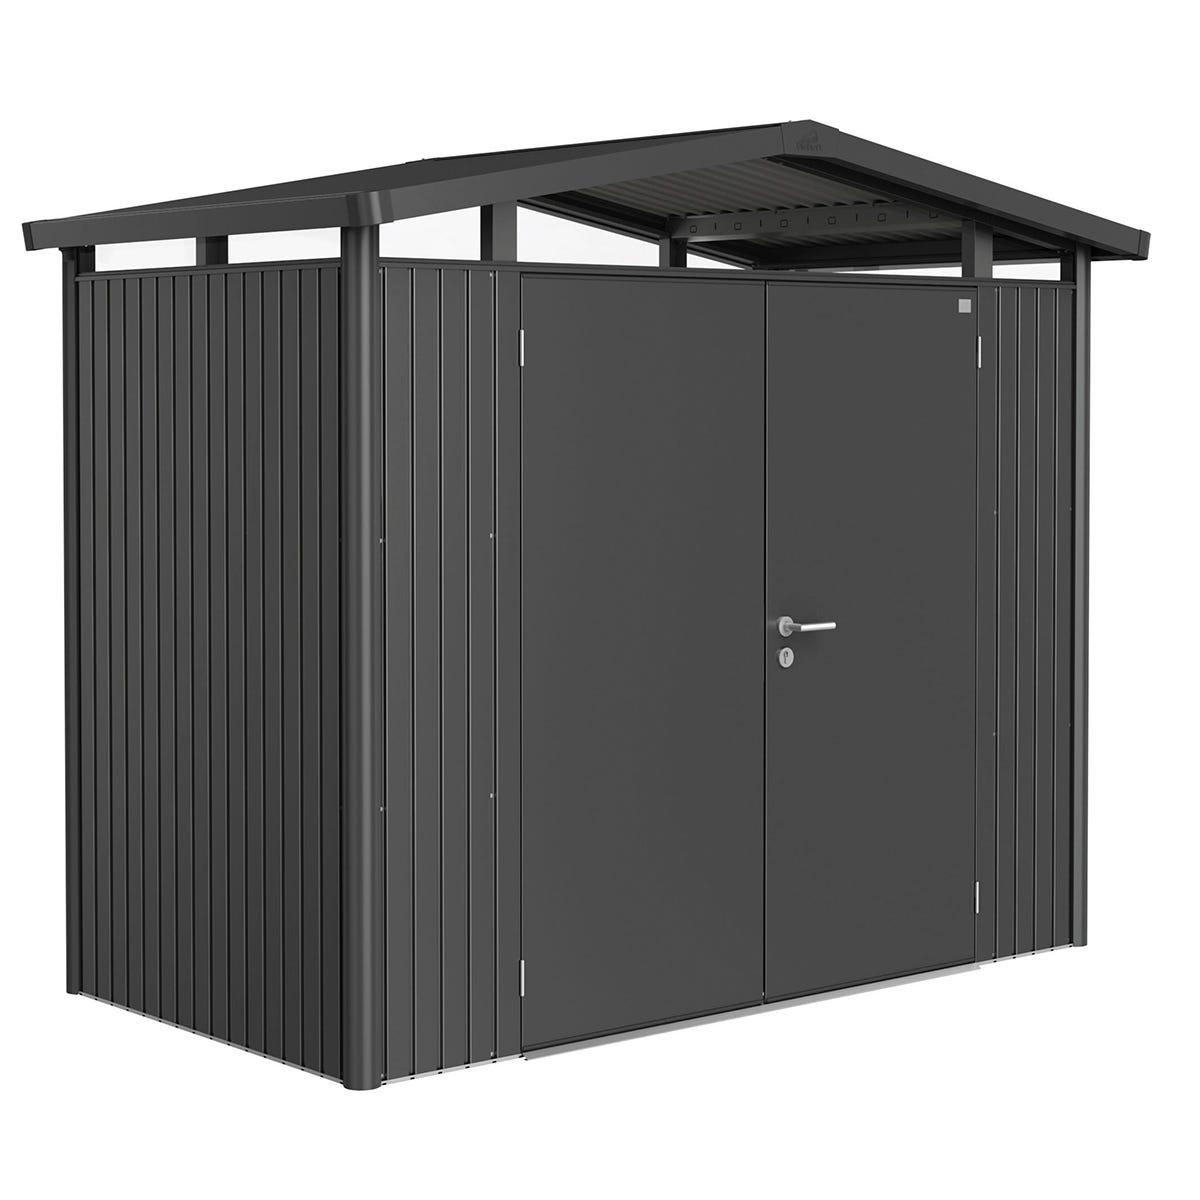 Biohort Panorama Metal Shed P1 Double Door 9' x 5' - Dark Grey